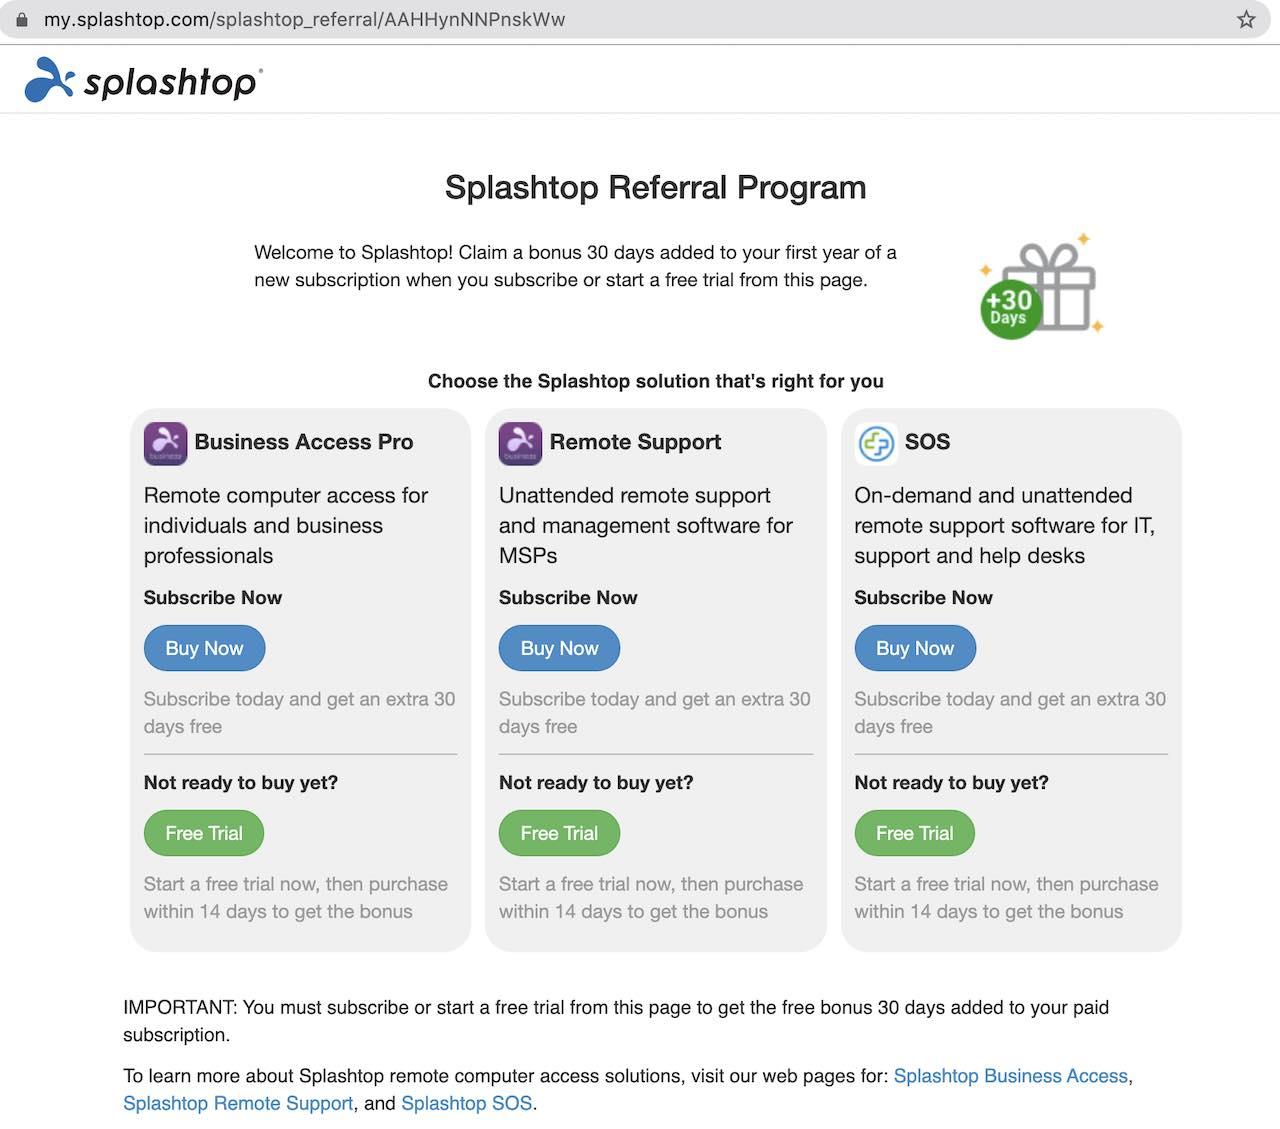 人們通過Splashtop推薦計劃推薦時看到的內容